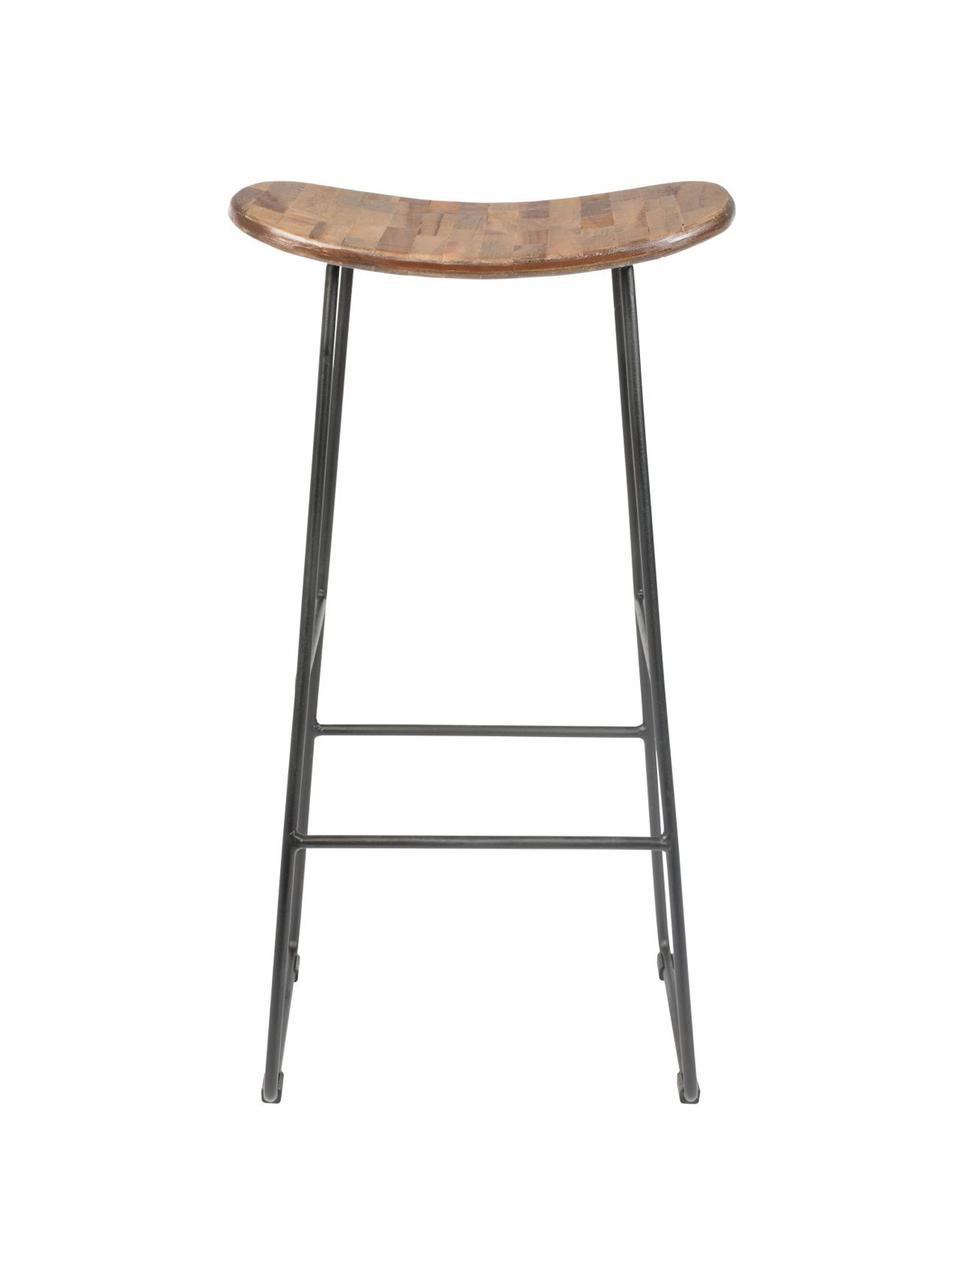 Sgabello da bar in legno di teak e metallo Tangle, Seduta: legno di teak riciclato v, Gambe: metallo verniciato a polv, Legno di teak, nero, Larg. 40 x Alt. 80 cm